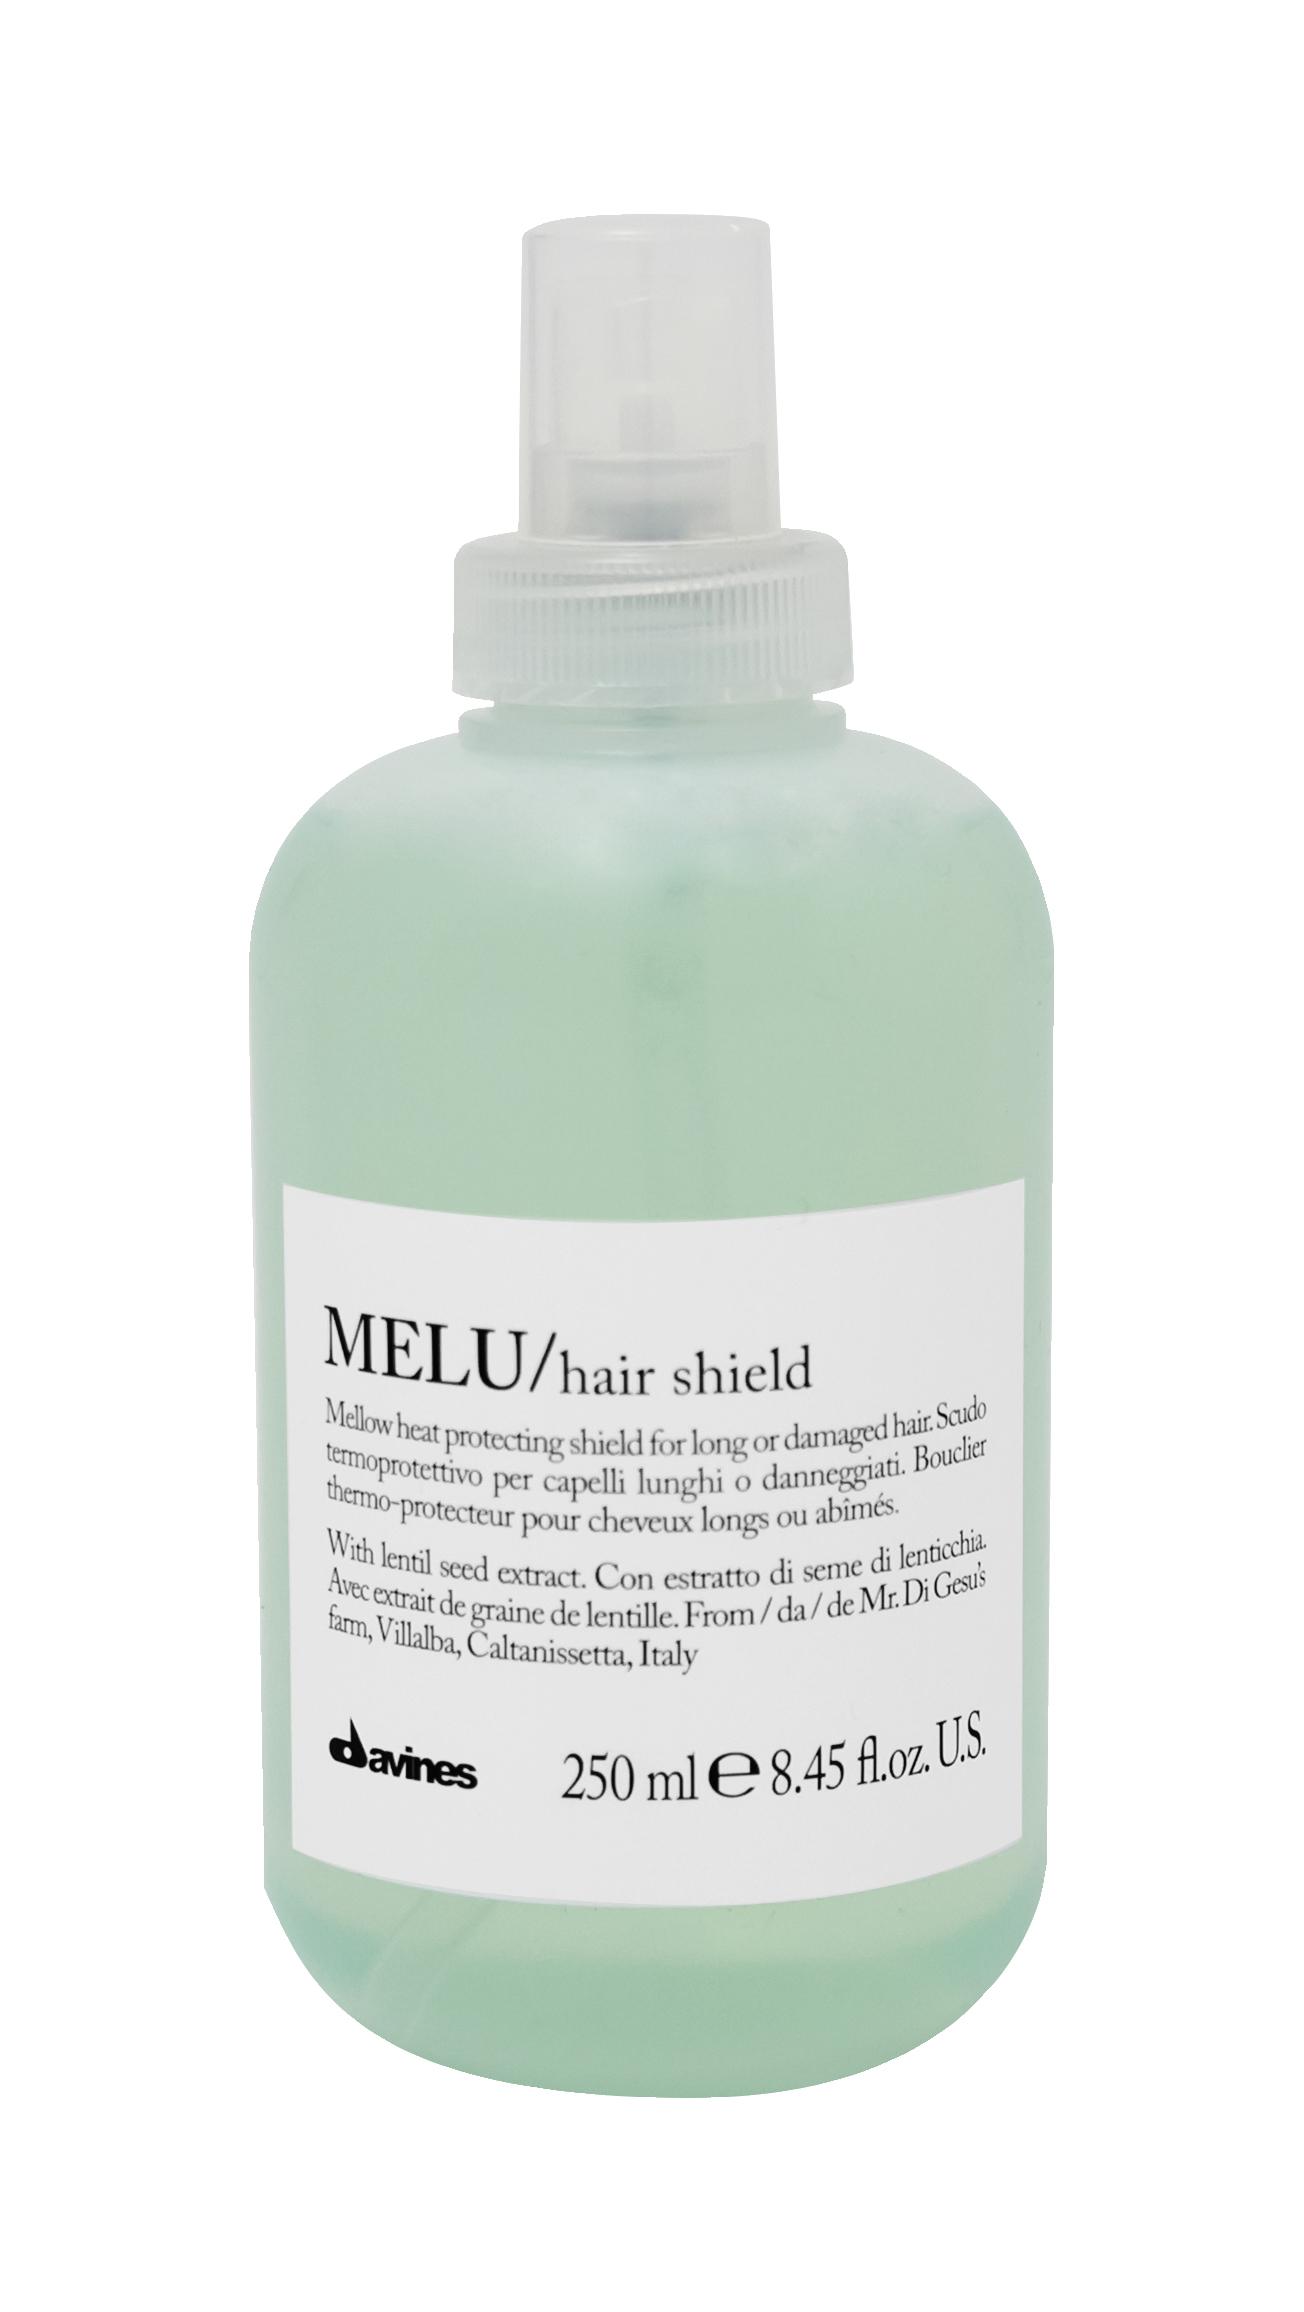 ech melu hair shield.jpg